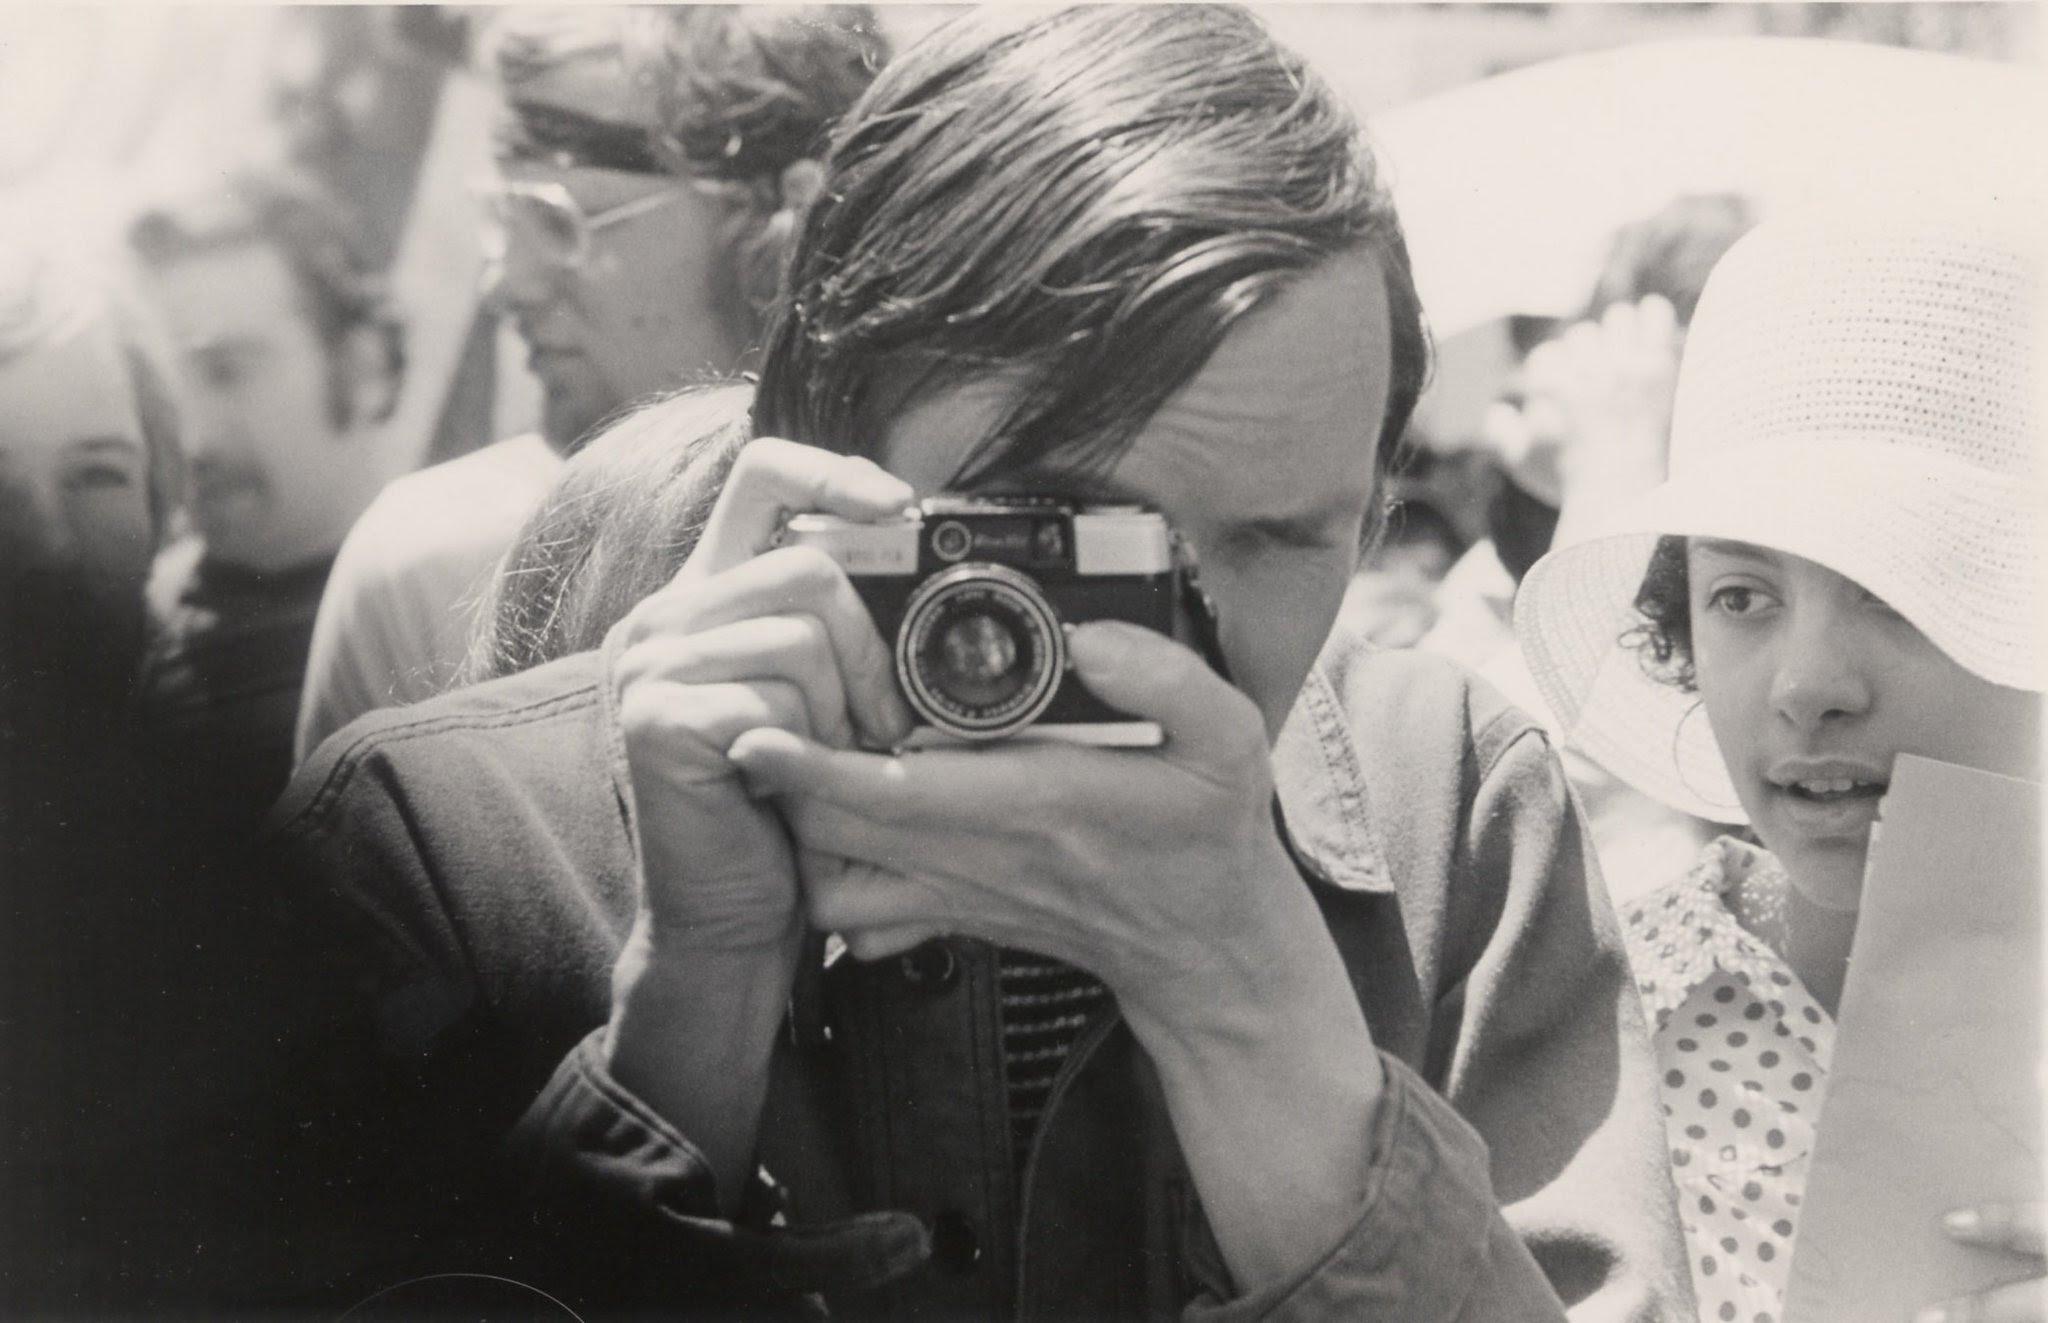 映画「ビル・カニンガム&ニューヨーク」写真家ビル・カニンガム